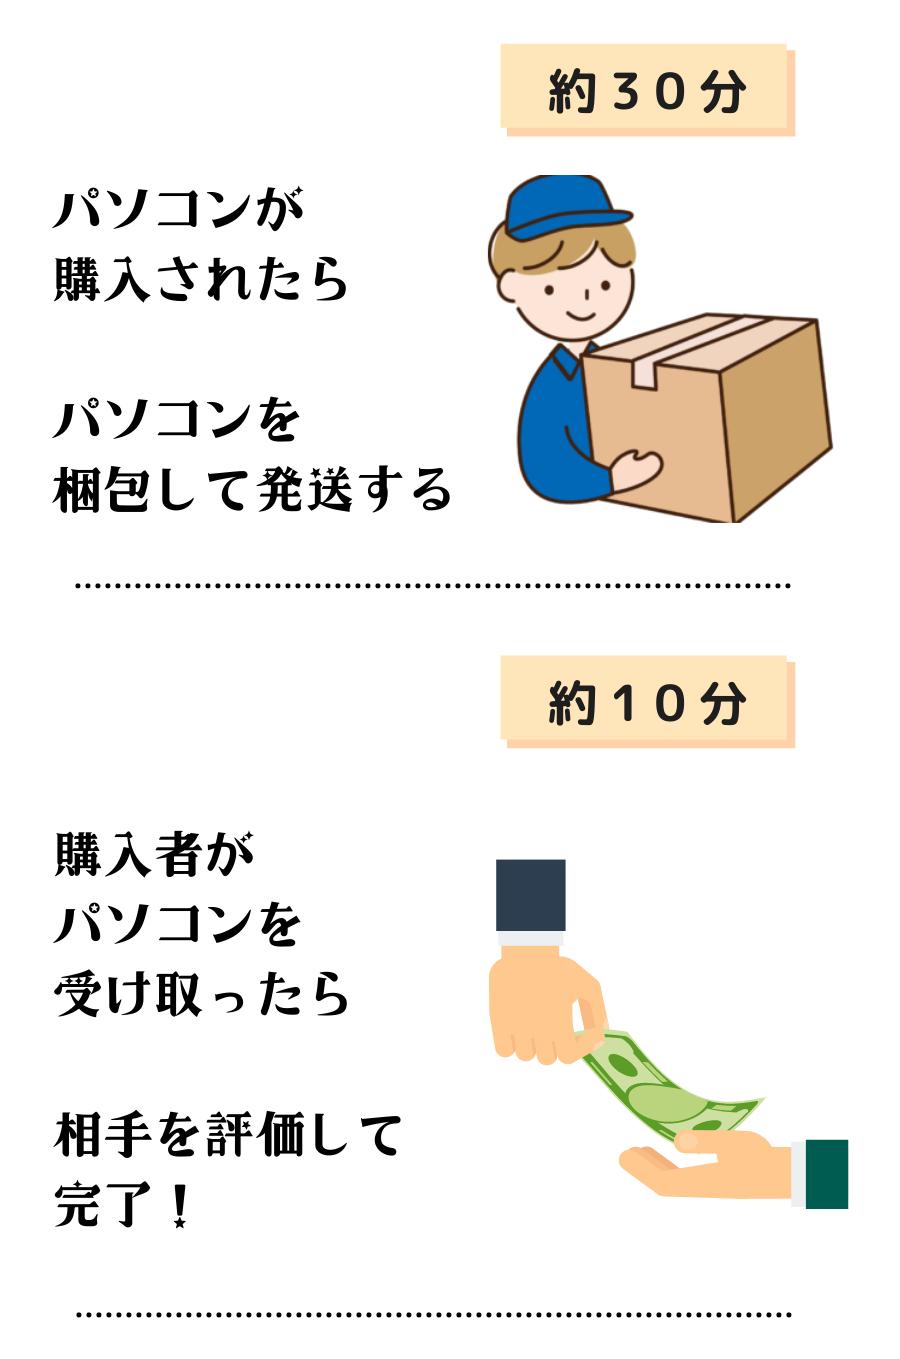 毎日1時間の作業で月10万円以上稼げるようになった